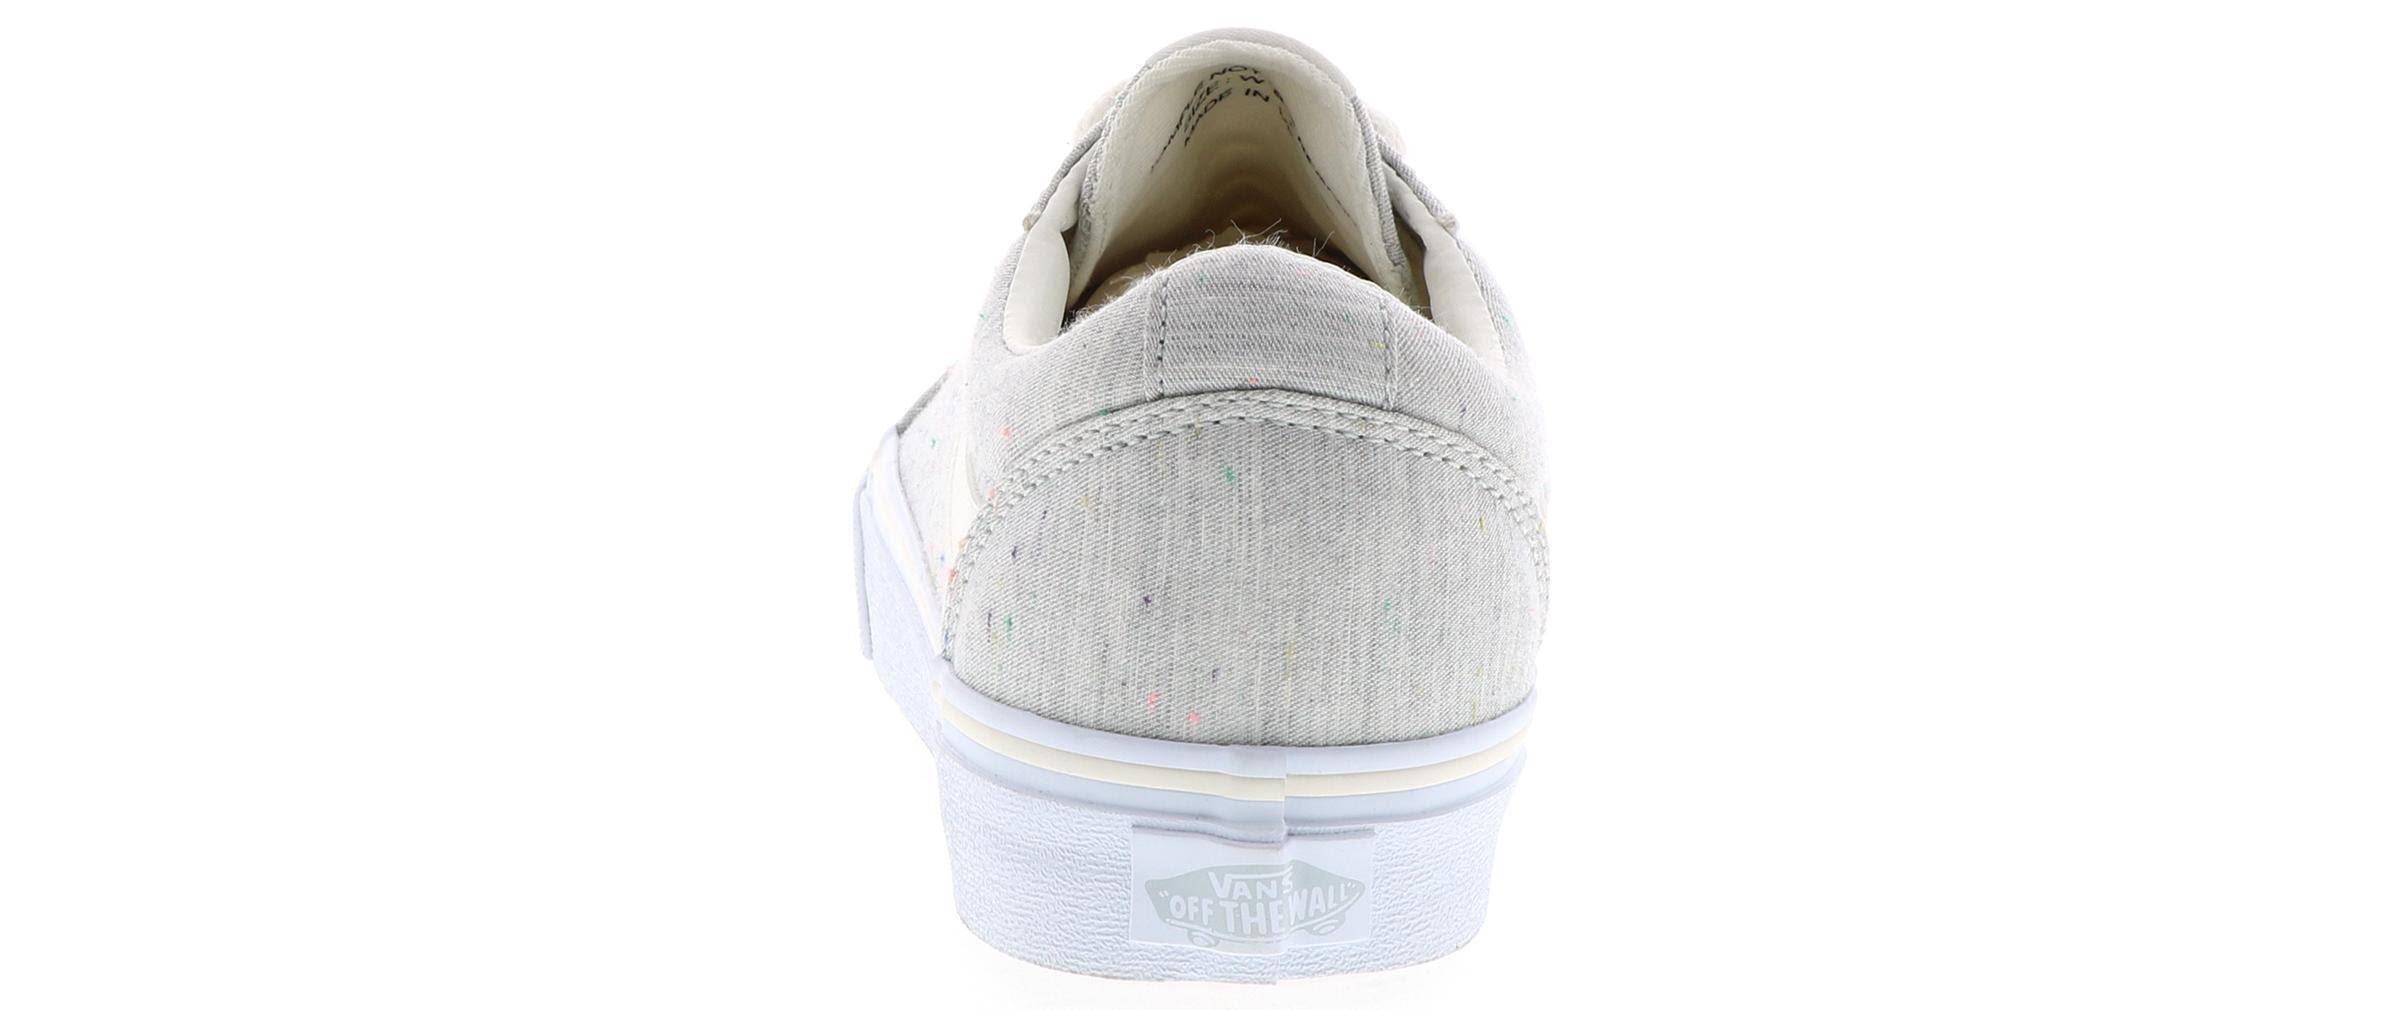 De Skate 9 Para Mediano Mujer Vans Gris Zapatillas Ward Tamaño Zdp4xZ